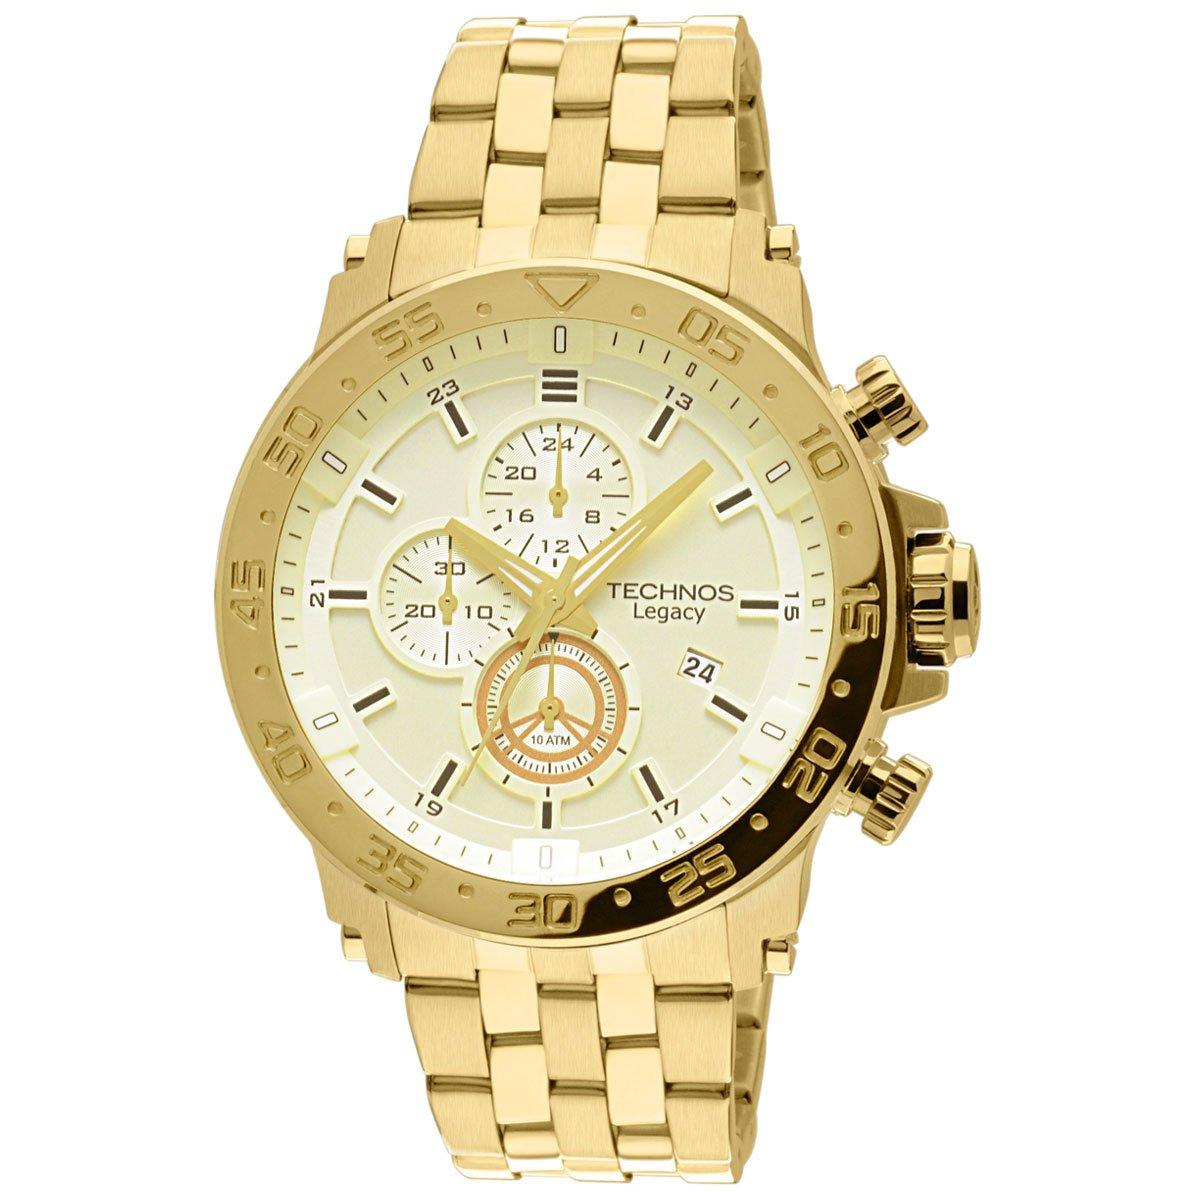 0cd3bd5c71b Relógio Technos Legacy - Dourado - Compre Agora